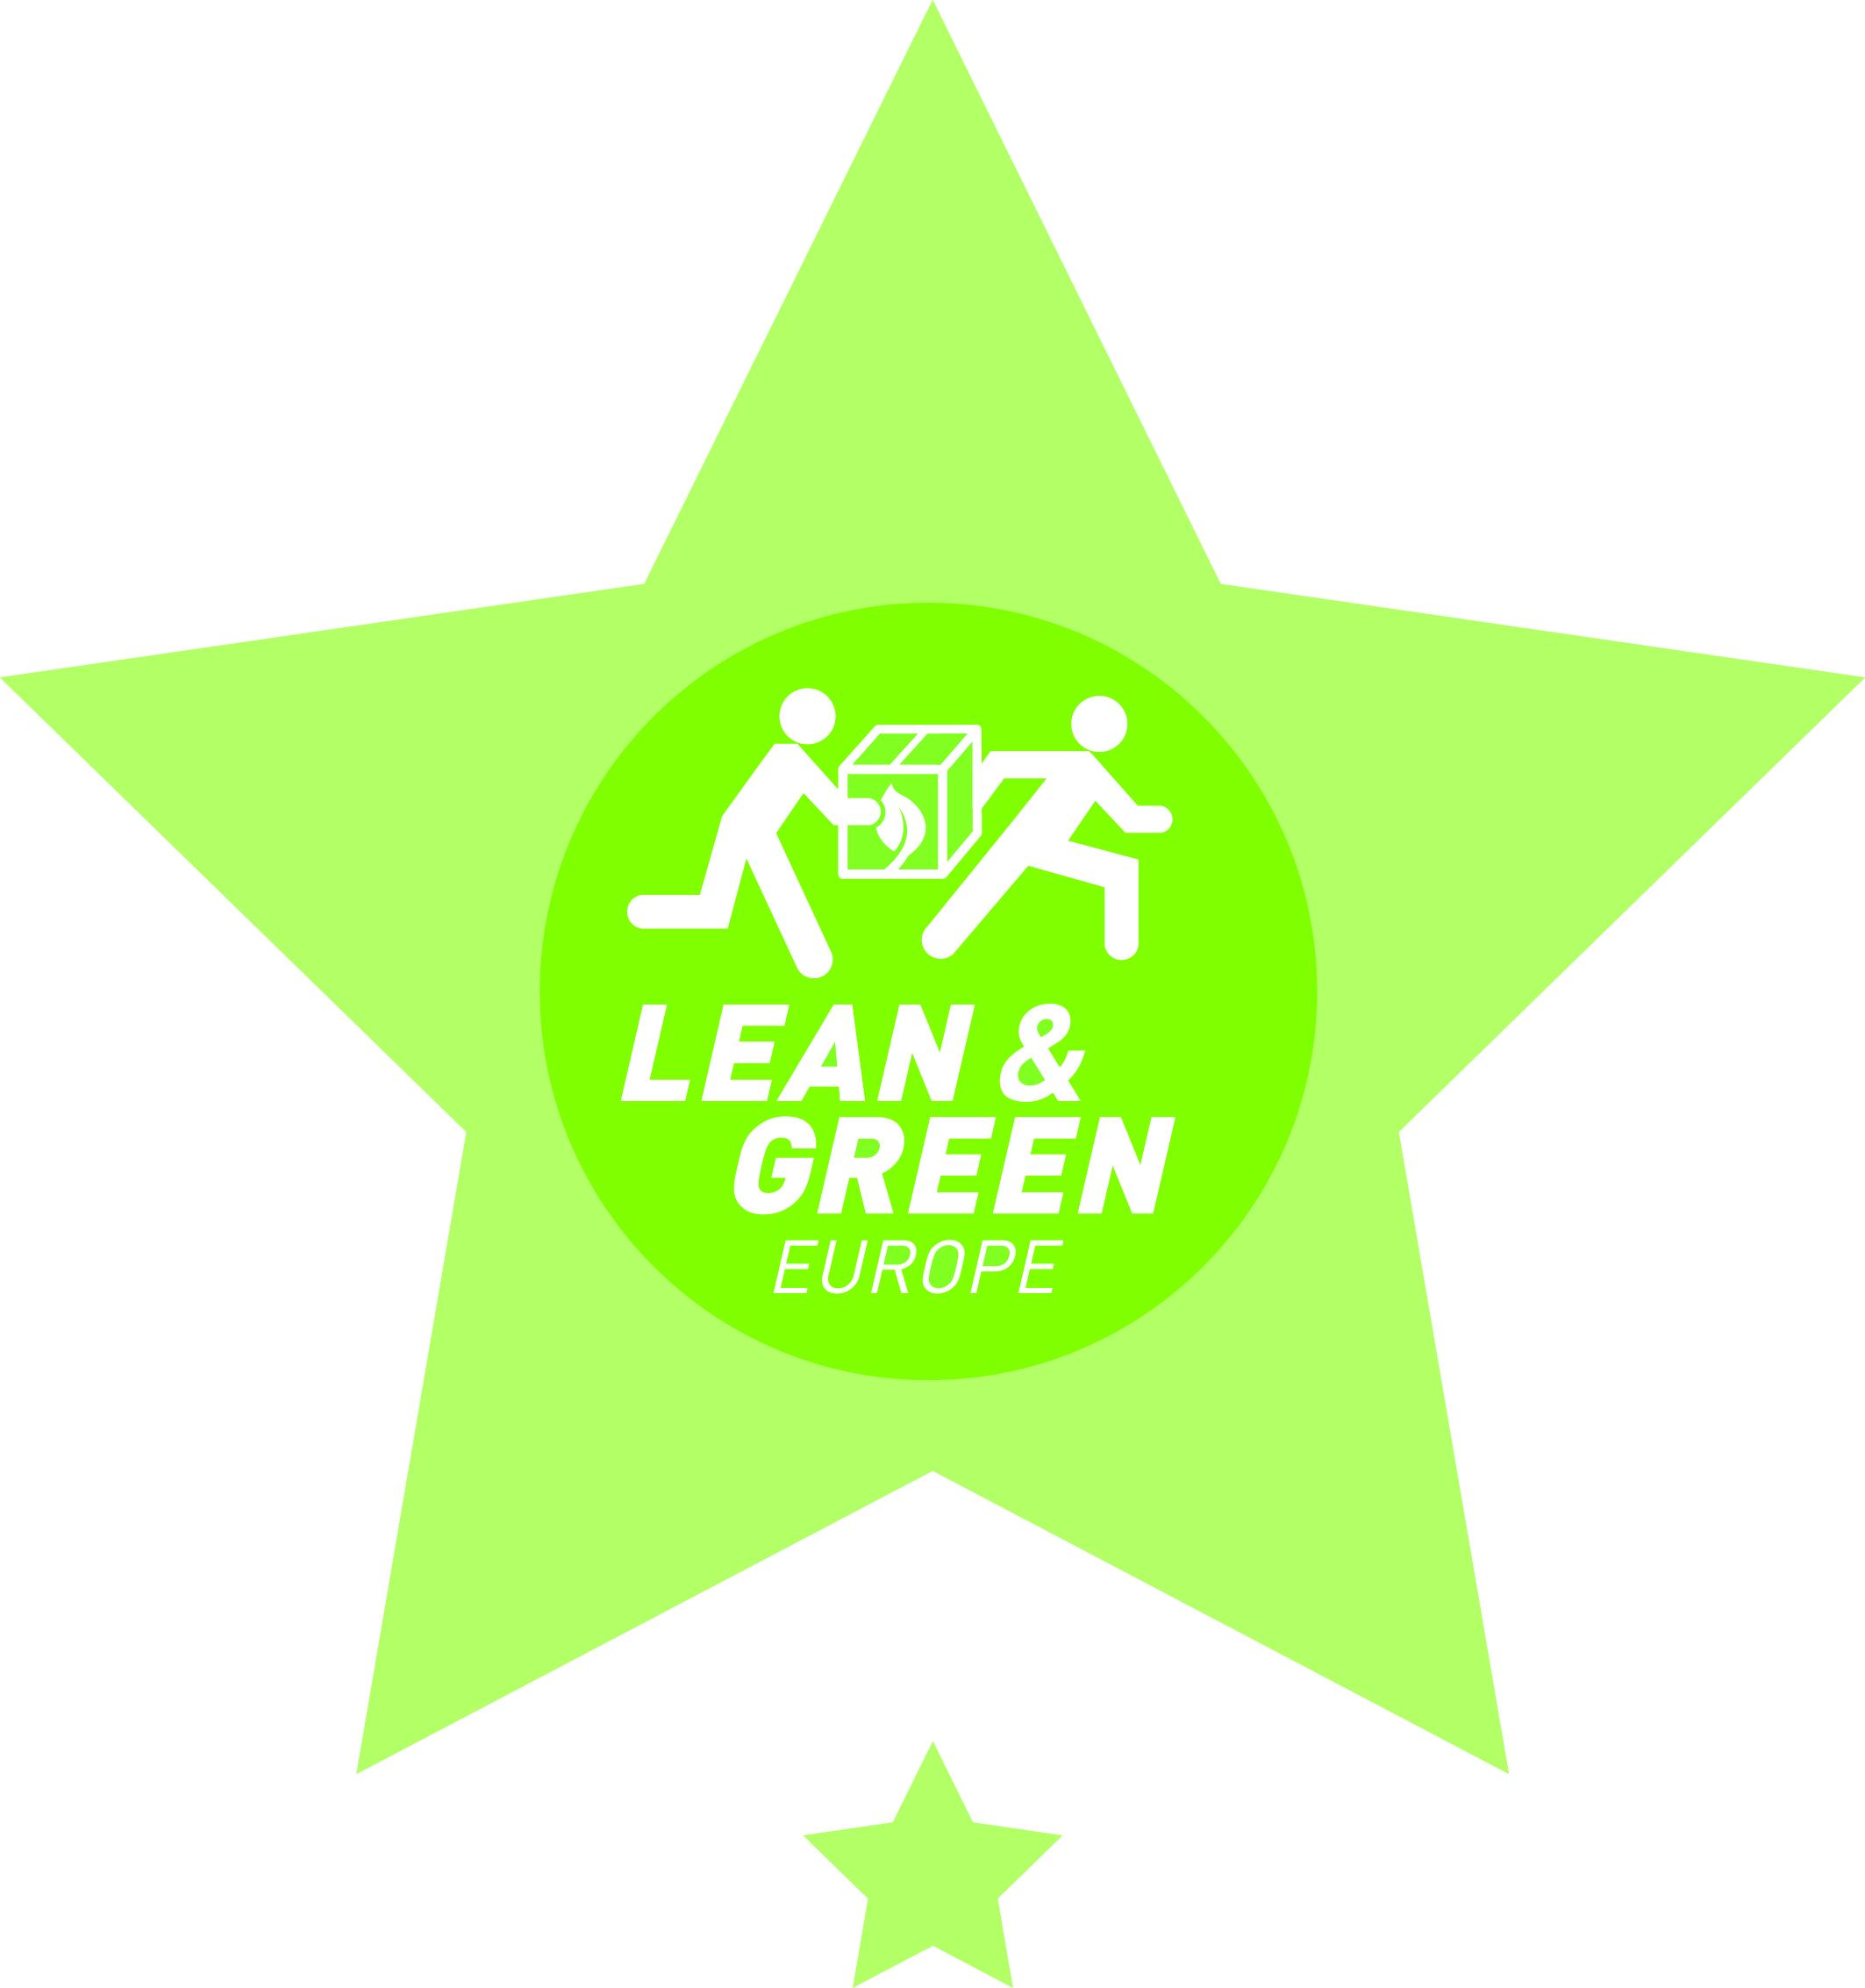 Lean & Green